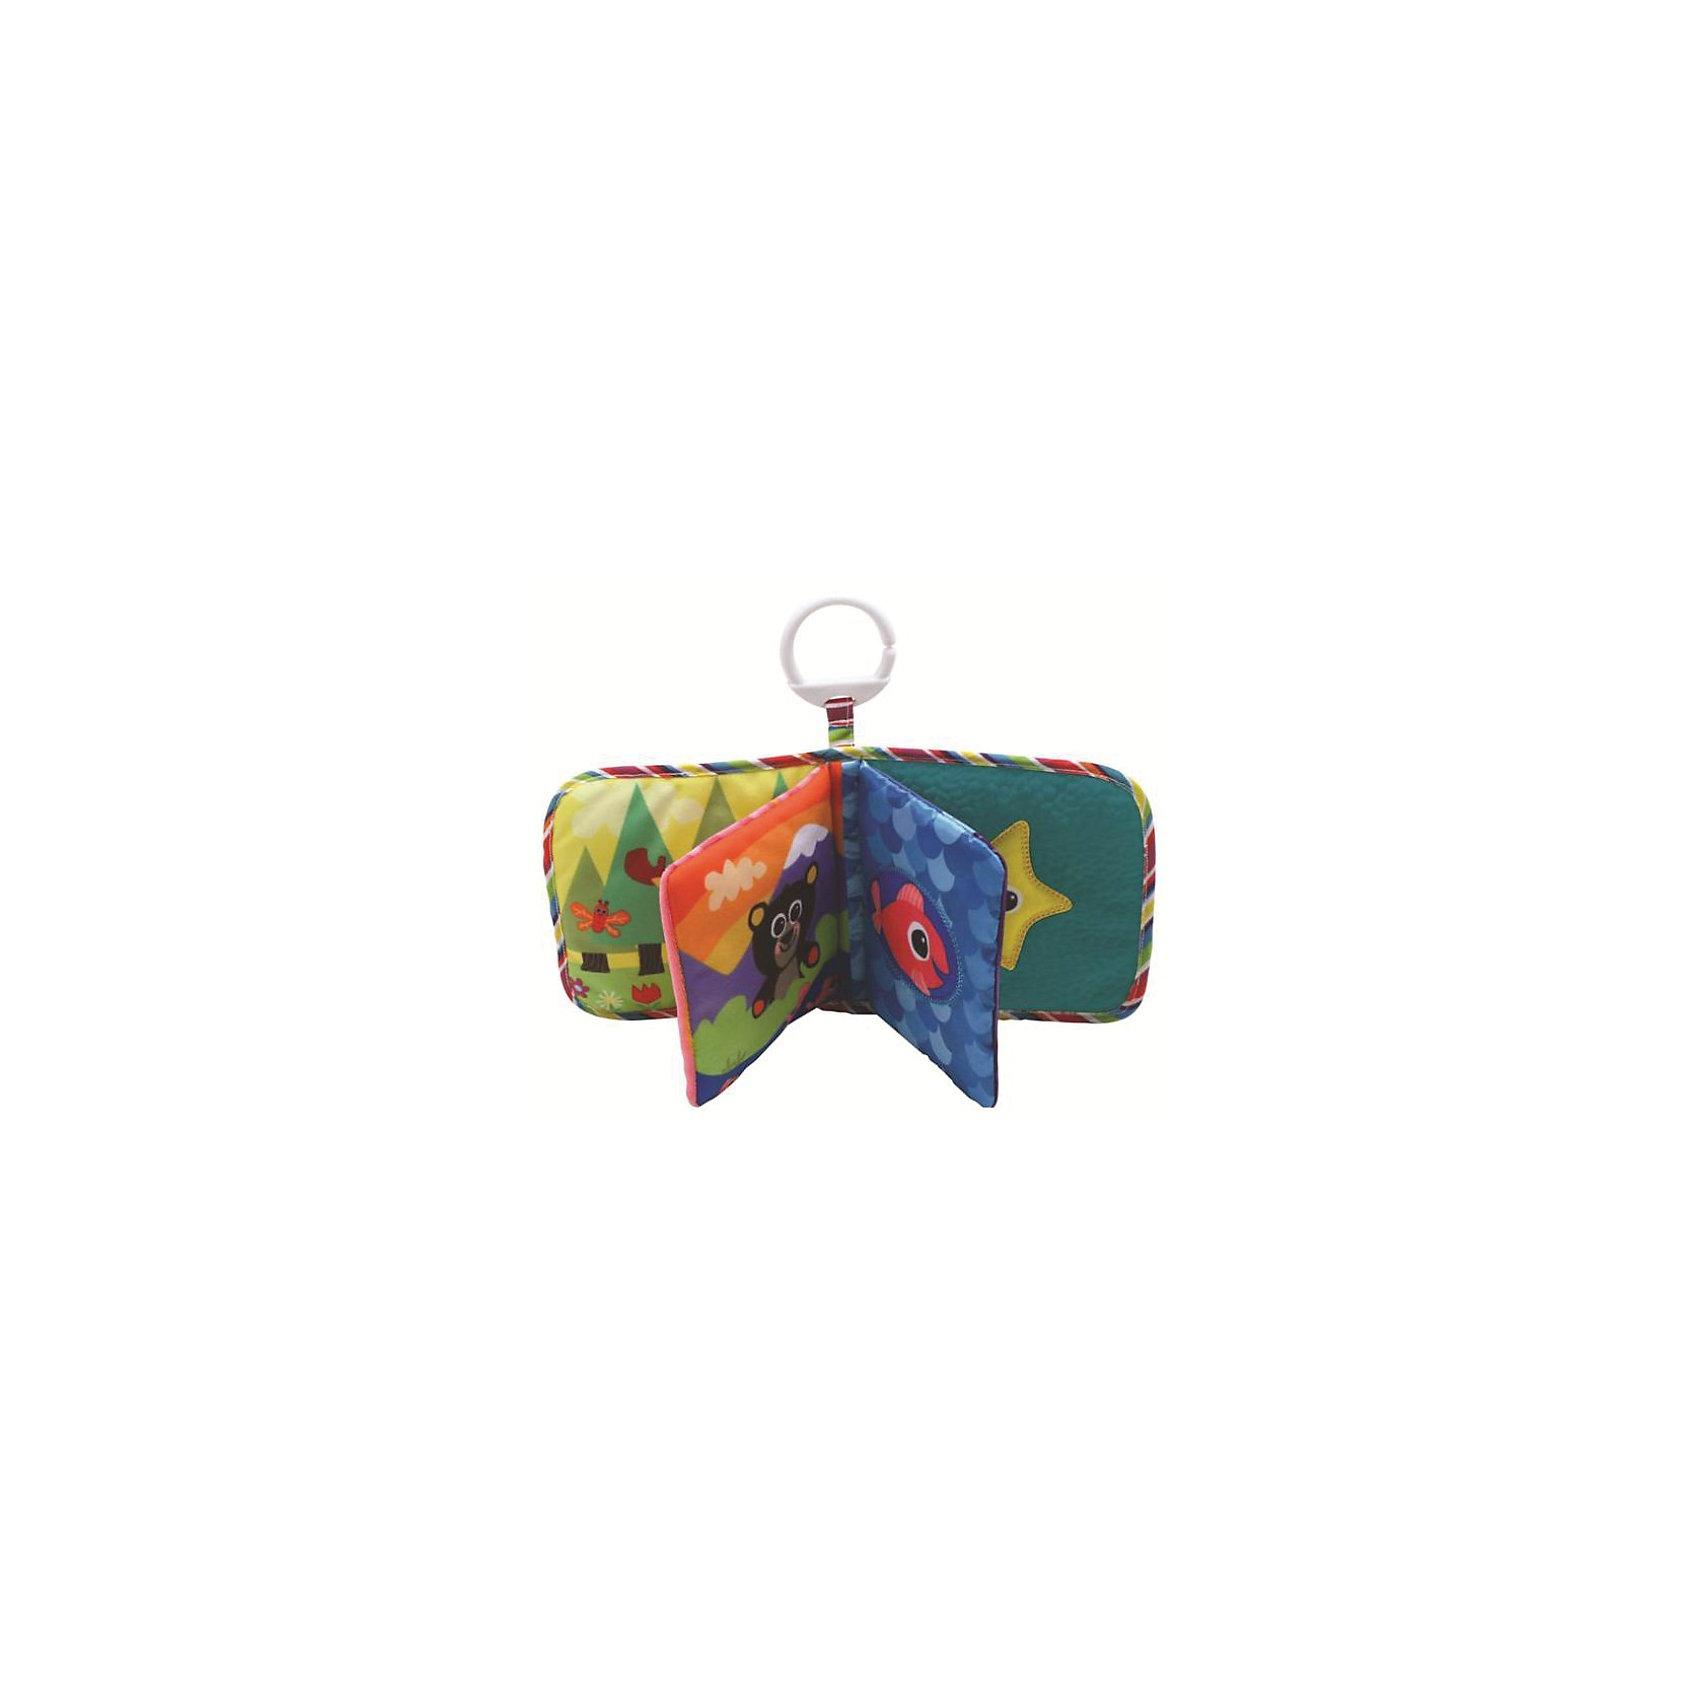 Игрушка Книжка первых открытий, LamazeИгрушки для малышей<br>Прекрасная книжка- шуршалка. Выполненная в яркой, контрастной цветовой гамме , она прекрасно развивает мелкую моторику и цветовосприятие. Книга состоит из четырех мягконабивных страничек, которые шуршат и пищат. Игрушка имеет кольцо, за которое ее можно подвесить к коляске, кроватке или манежу. Изготовлена из гипоаллергенных материалов, безопасных для детей. <br><br>Дополнительная информация:<br><br>- Материал: пластик, текстиль.<br>- Размер: 15 х 12 х 7 см<br>- Звуковые эффекты: есть.<br><br>Игрушку Книжка первых открытий, Lamaze можно купить в нашем магазине.<br><br>Ширина мм: 261<br>Глубина мм: 187<br>Высота мм: 50<br>Вес г: 96<br>Возраст от месяцев: 3<br>Возраст до месяцев: 18<br>Пол: Унисекс<br>Возраст: Детский<br>SKU: 2022609